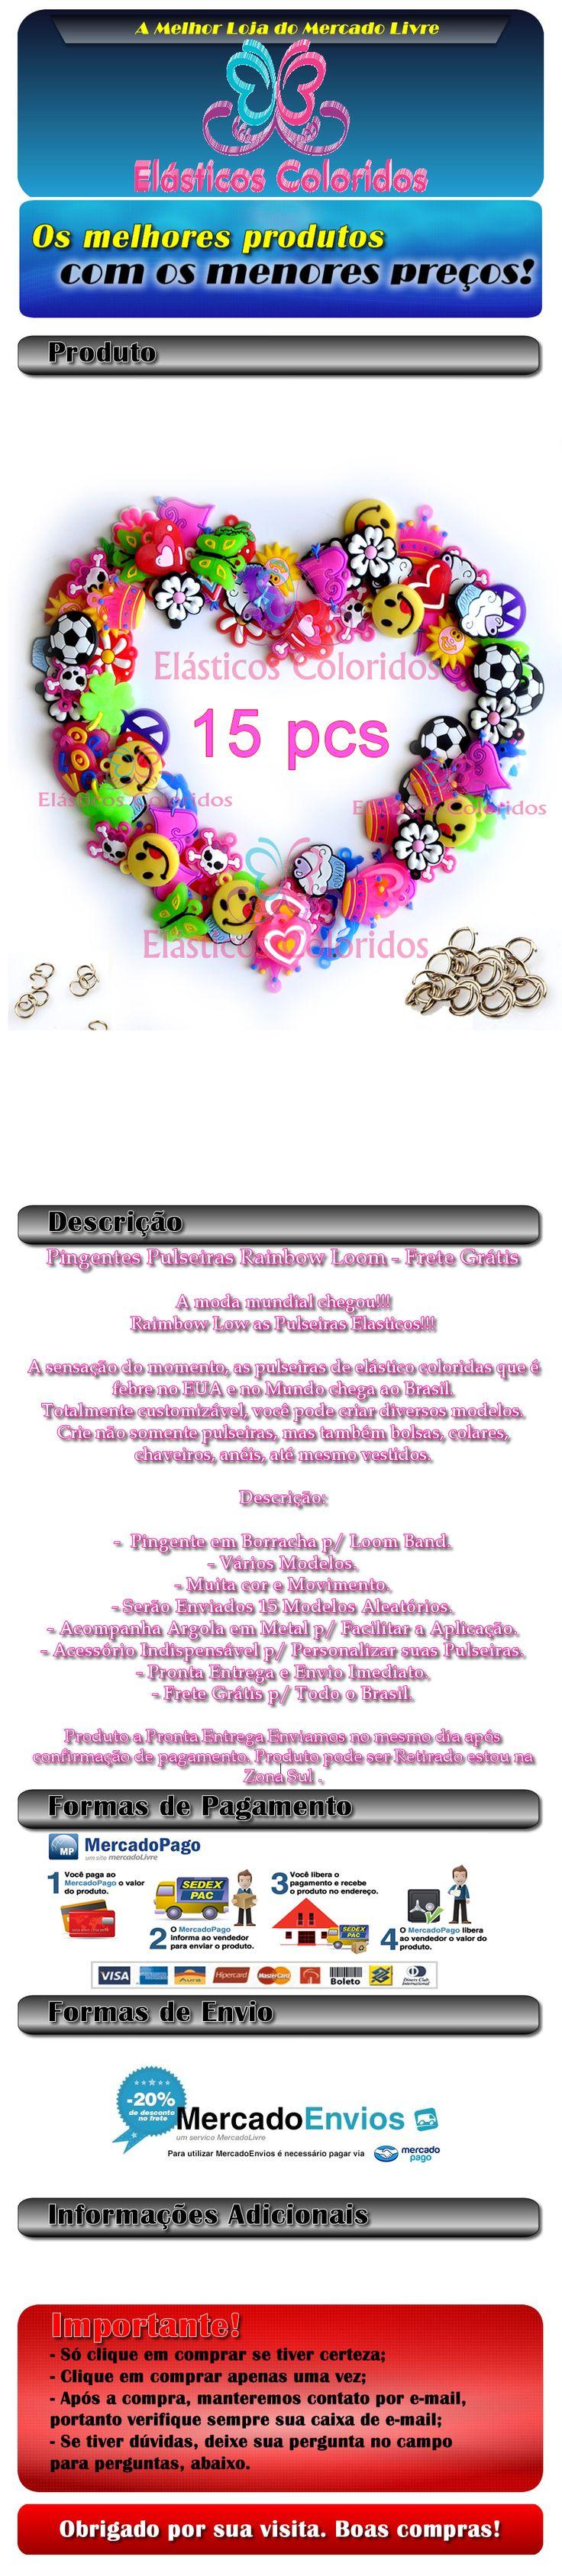 http://www.elasticoscoloridos.com.br FABRICA DE PULSEIRAS ESTRELA-FABRICA DE PULSEIRAS ESTRELA PB KIDS-FABRICA DE PULSEIRAS RI HAPPY-FABRICA DE PULSEIRAS LOOM BANDS-FABRICA DE PULSEIRA ESTRELA- MAGICAL LOOM -PULSEIRAS DE ELASTICOS-PULSEIRAS GOMITAS-COMO FAZER PULSEIRAS DE ELASTICOS COLORIDOS-COMO FAZER PULSEIRA ELASTICO PASSO A PASSO- CLARO (11) 9.7641 4980- http://www.elasticoscoloridos.com.br- https://www.facebook.com/pages/El%C3%A1sticos-Coloridos/844302925622086-